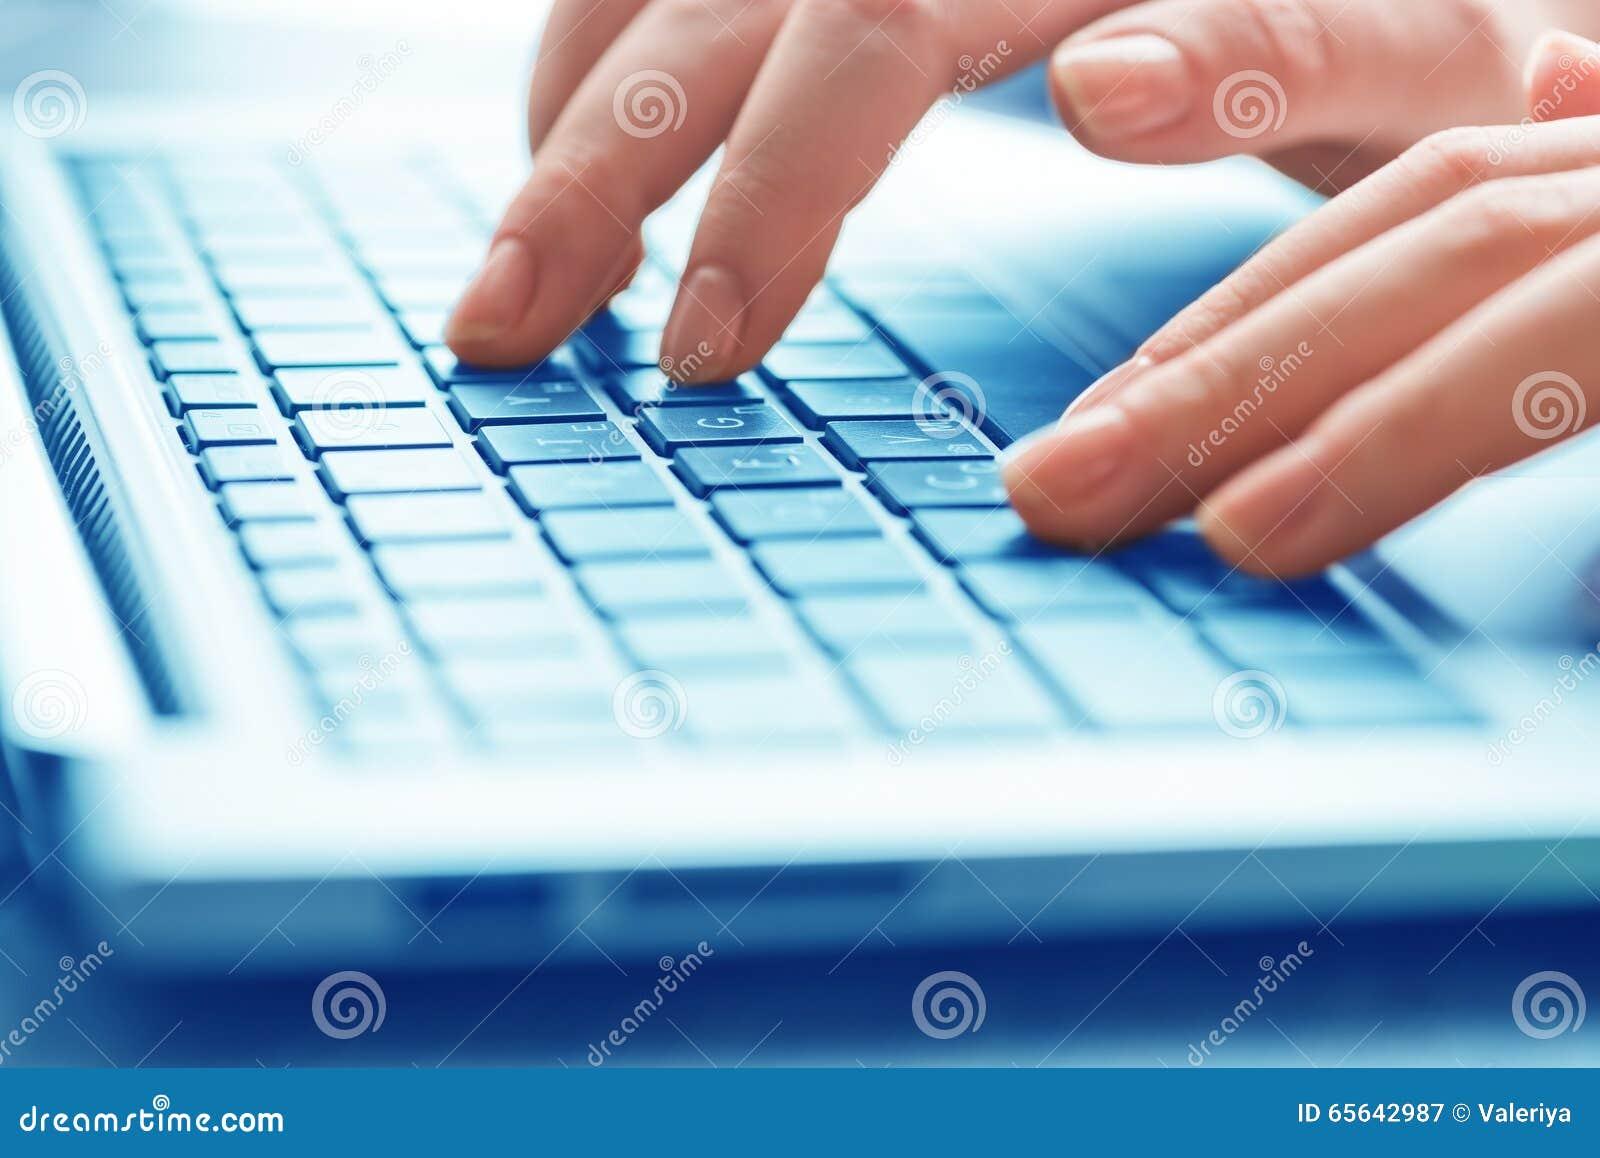 Mains femelles de dactylographie sur le clavier